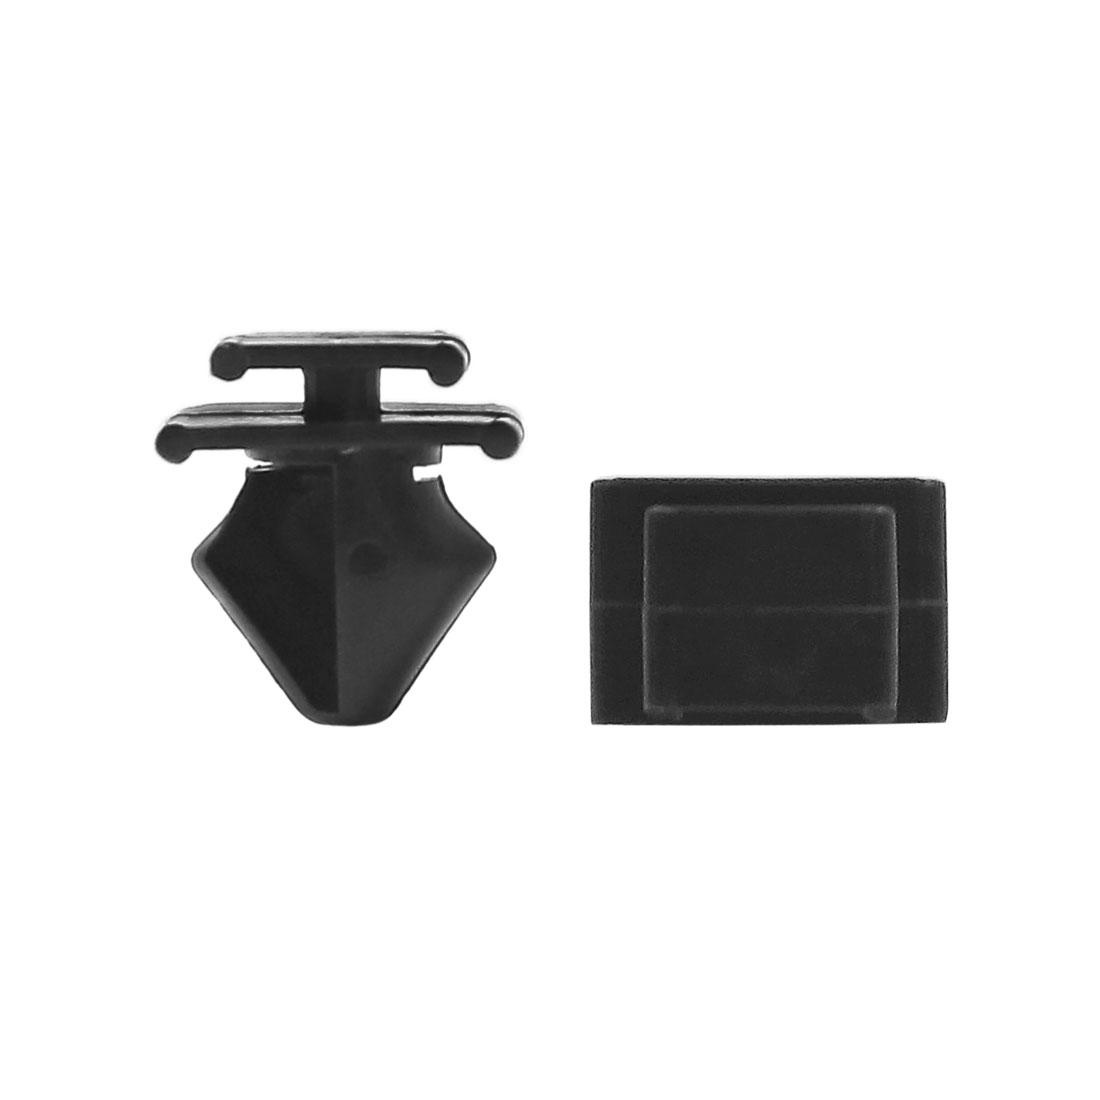 50pcs 12mm Hole Plastic Door Fender Bumper Push Rivets Clip Black for Car